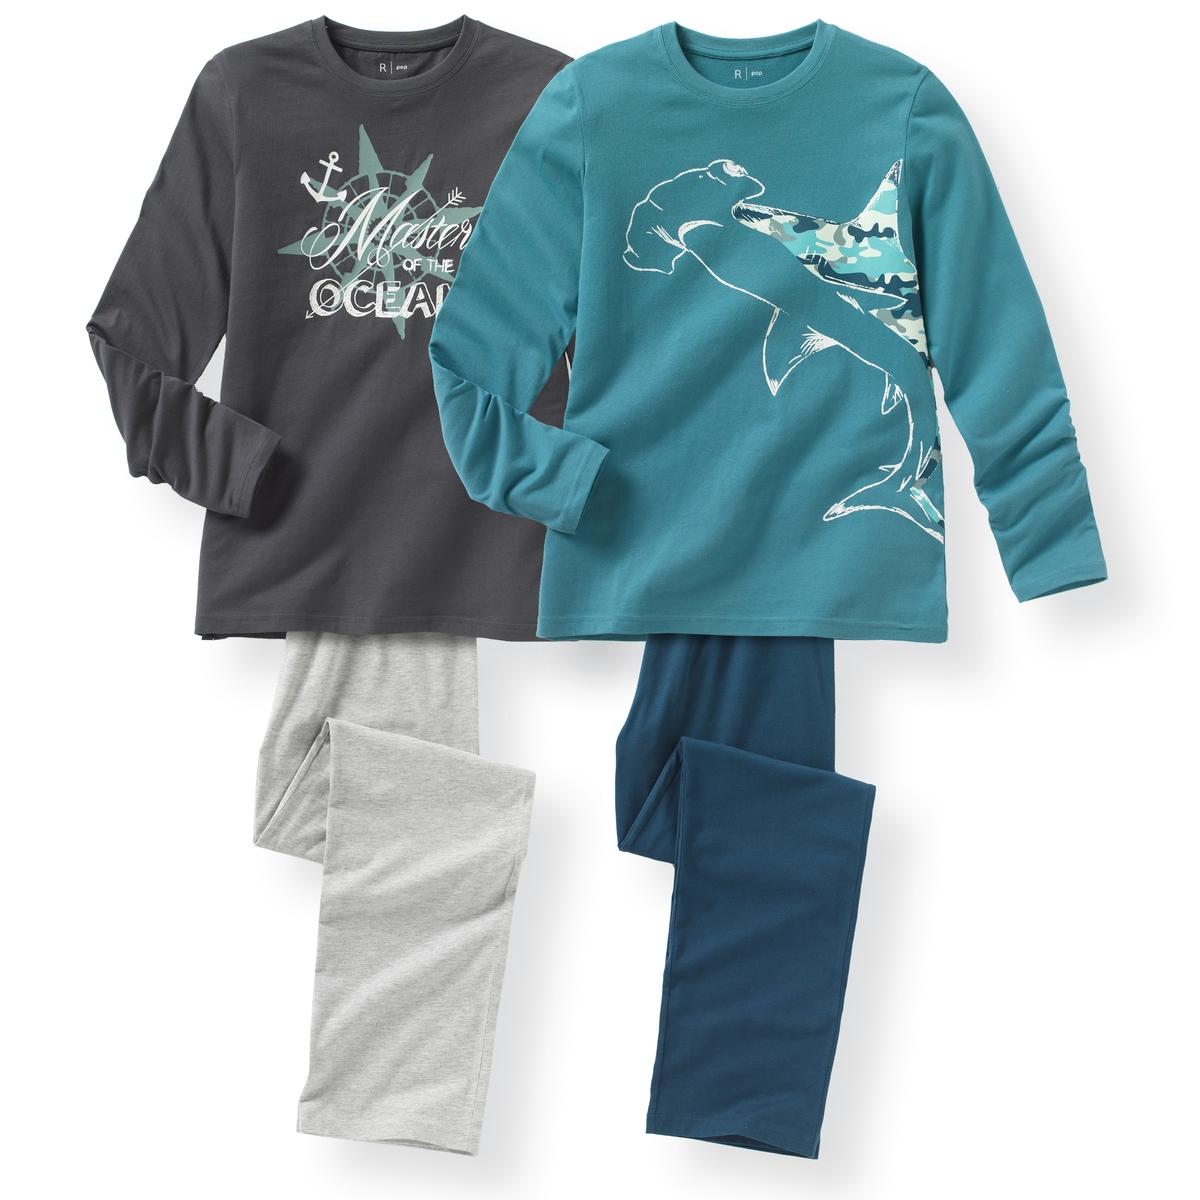 2 пижамы из хлопка с принтом океан 10-16 летПижама: футболка с длинными рукавами и брюки. В комплекте 2 пижамы: Футболки с разными рисунками . Брюки однотонные с эластичными поясами. Состав и описание : Материал       джерси, 100% хлопокМарка       R ?ditionУход :Машинная стирка при 30 °C с вещами схожих цветов.Стирать и гладить с изнаночной стороны.Машинная сушка в умеренном режиме.Гладить при низкой температуре.<br><br>Цвет: серый + синий<br>Размер: 16 лет.14 лет